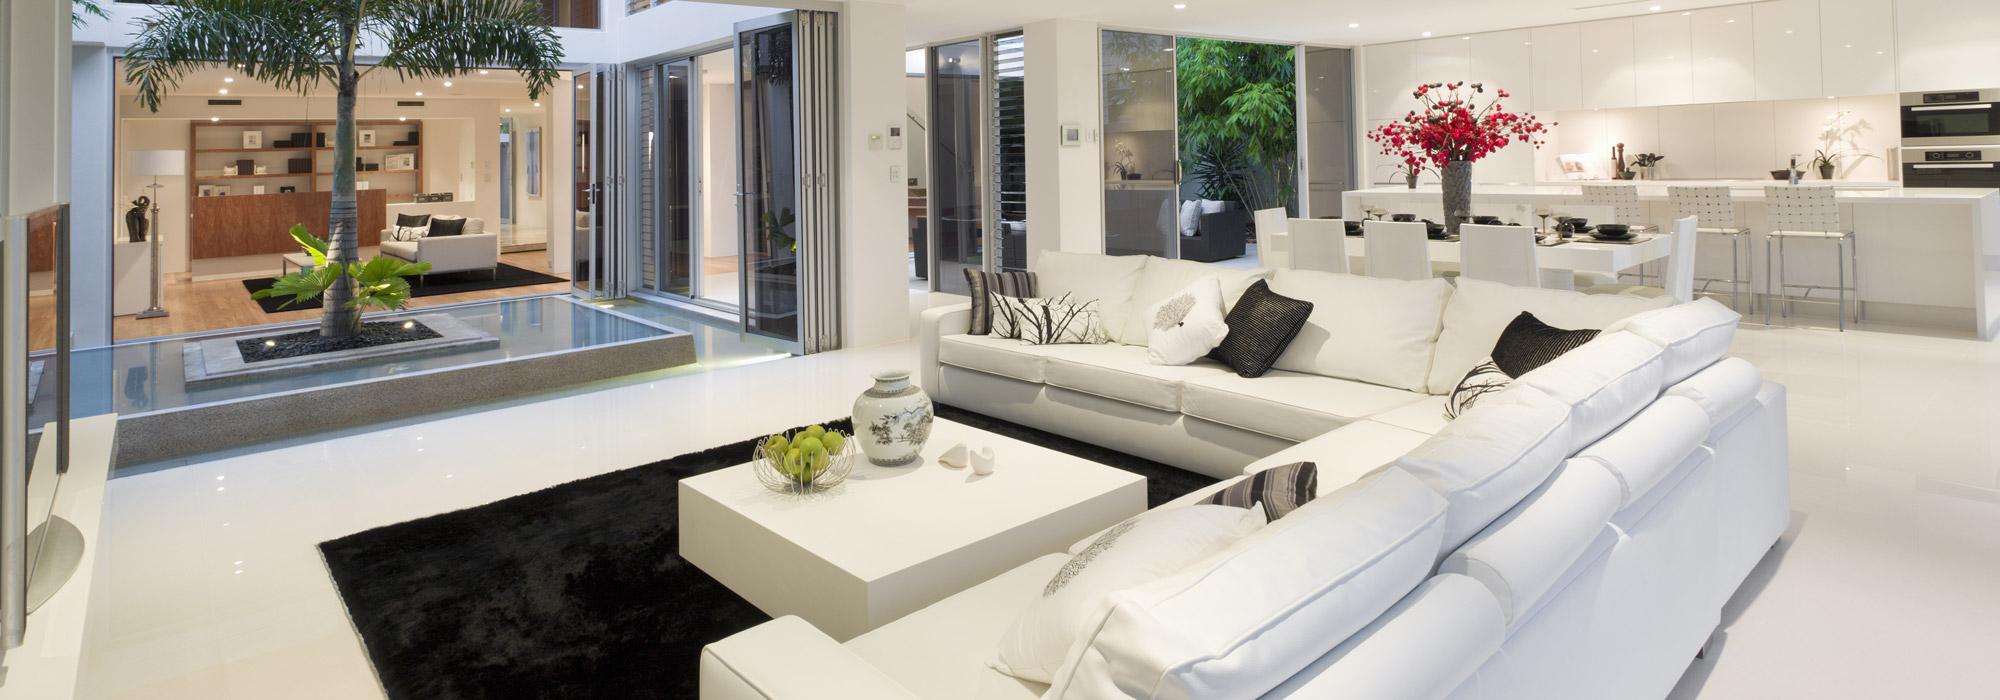 Luksusowy apartament w centrum